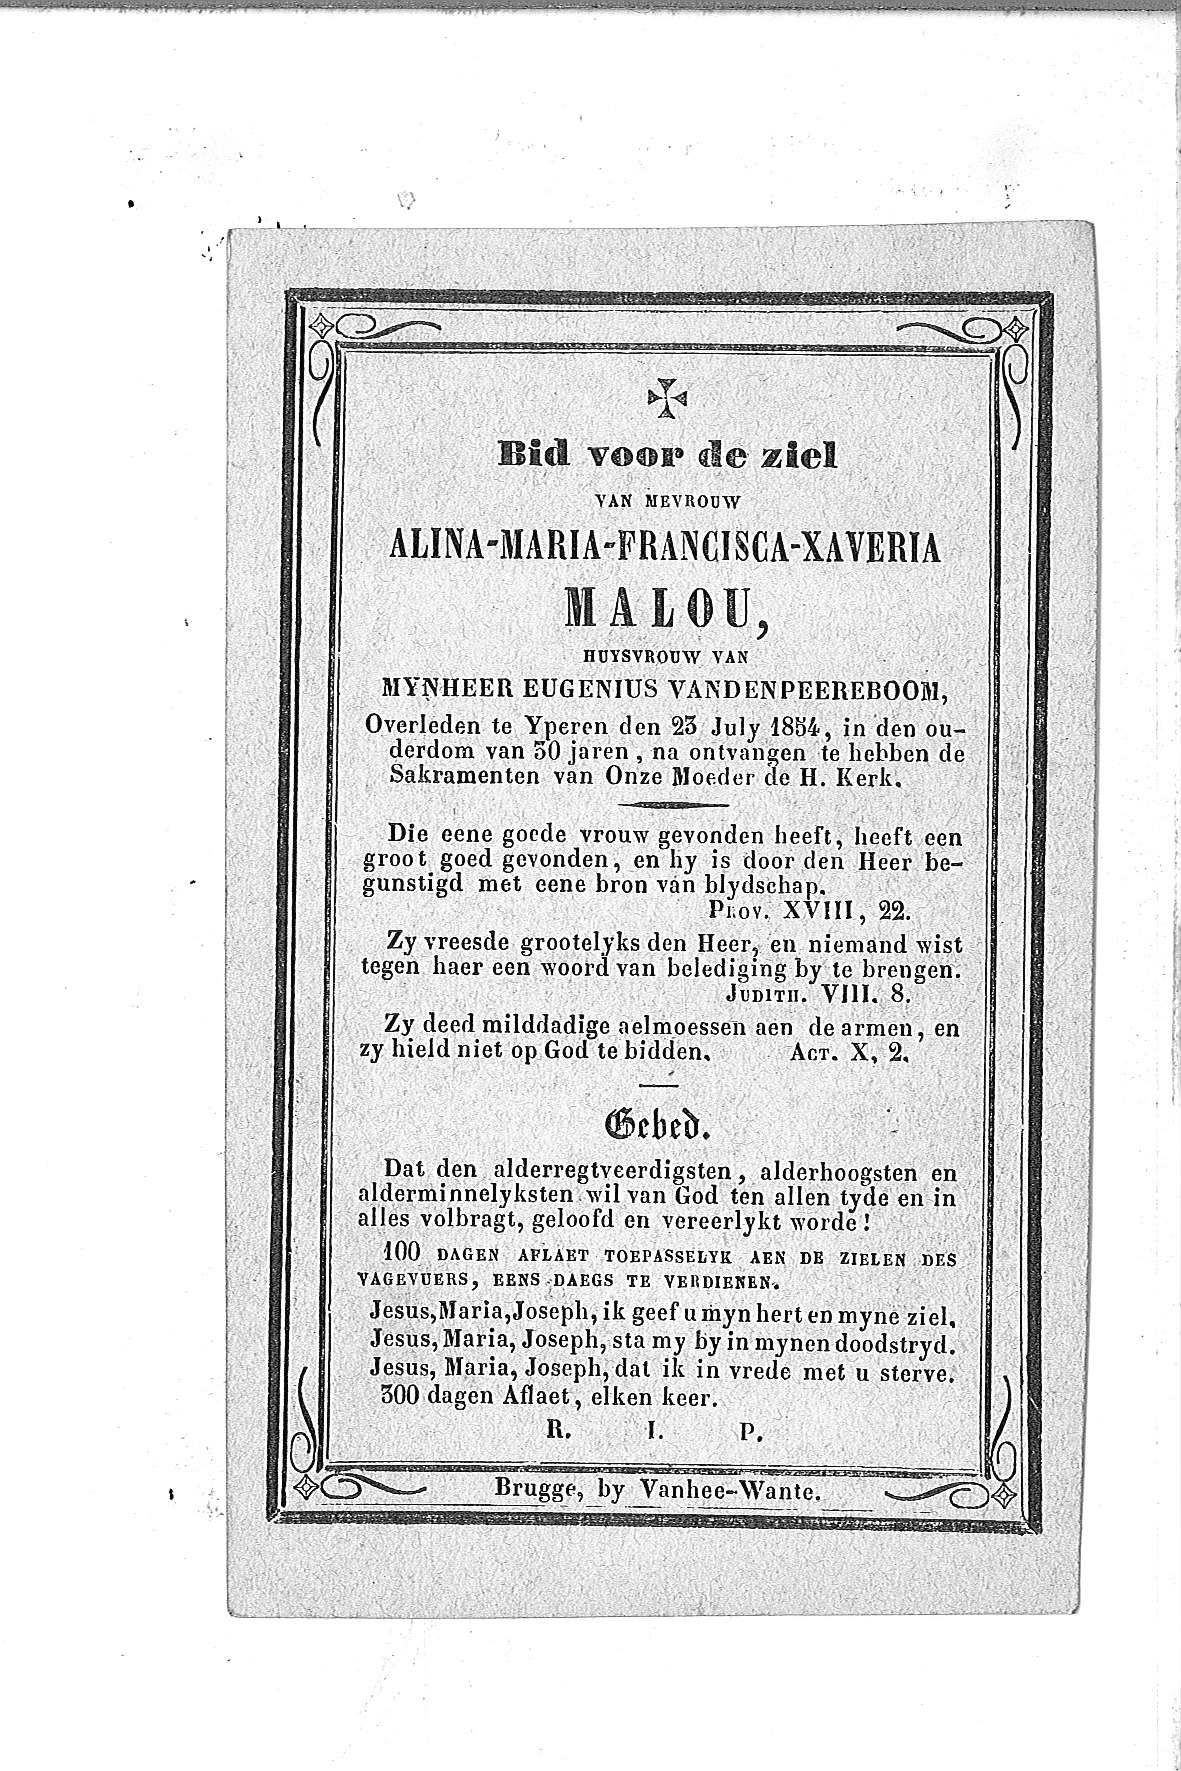 Alina-Maria-Francisca-Xaveria-(1854)-20121008124128_00061.jpg